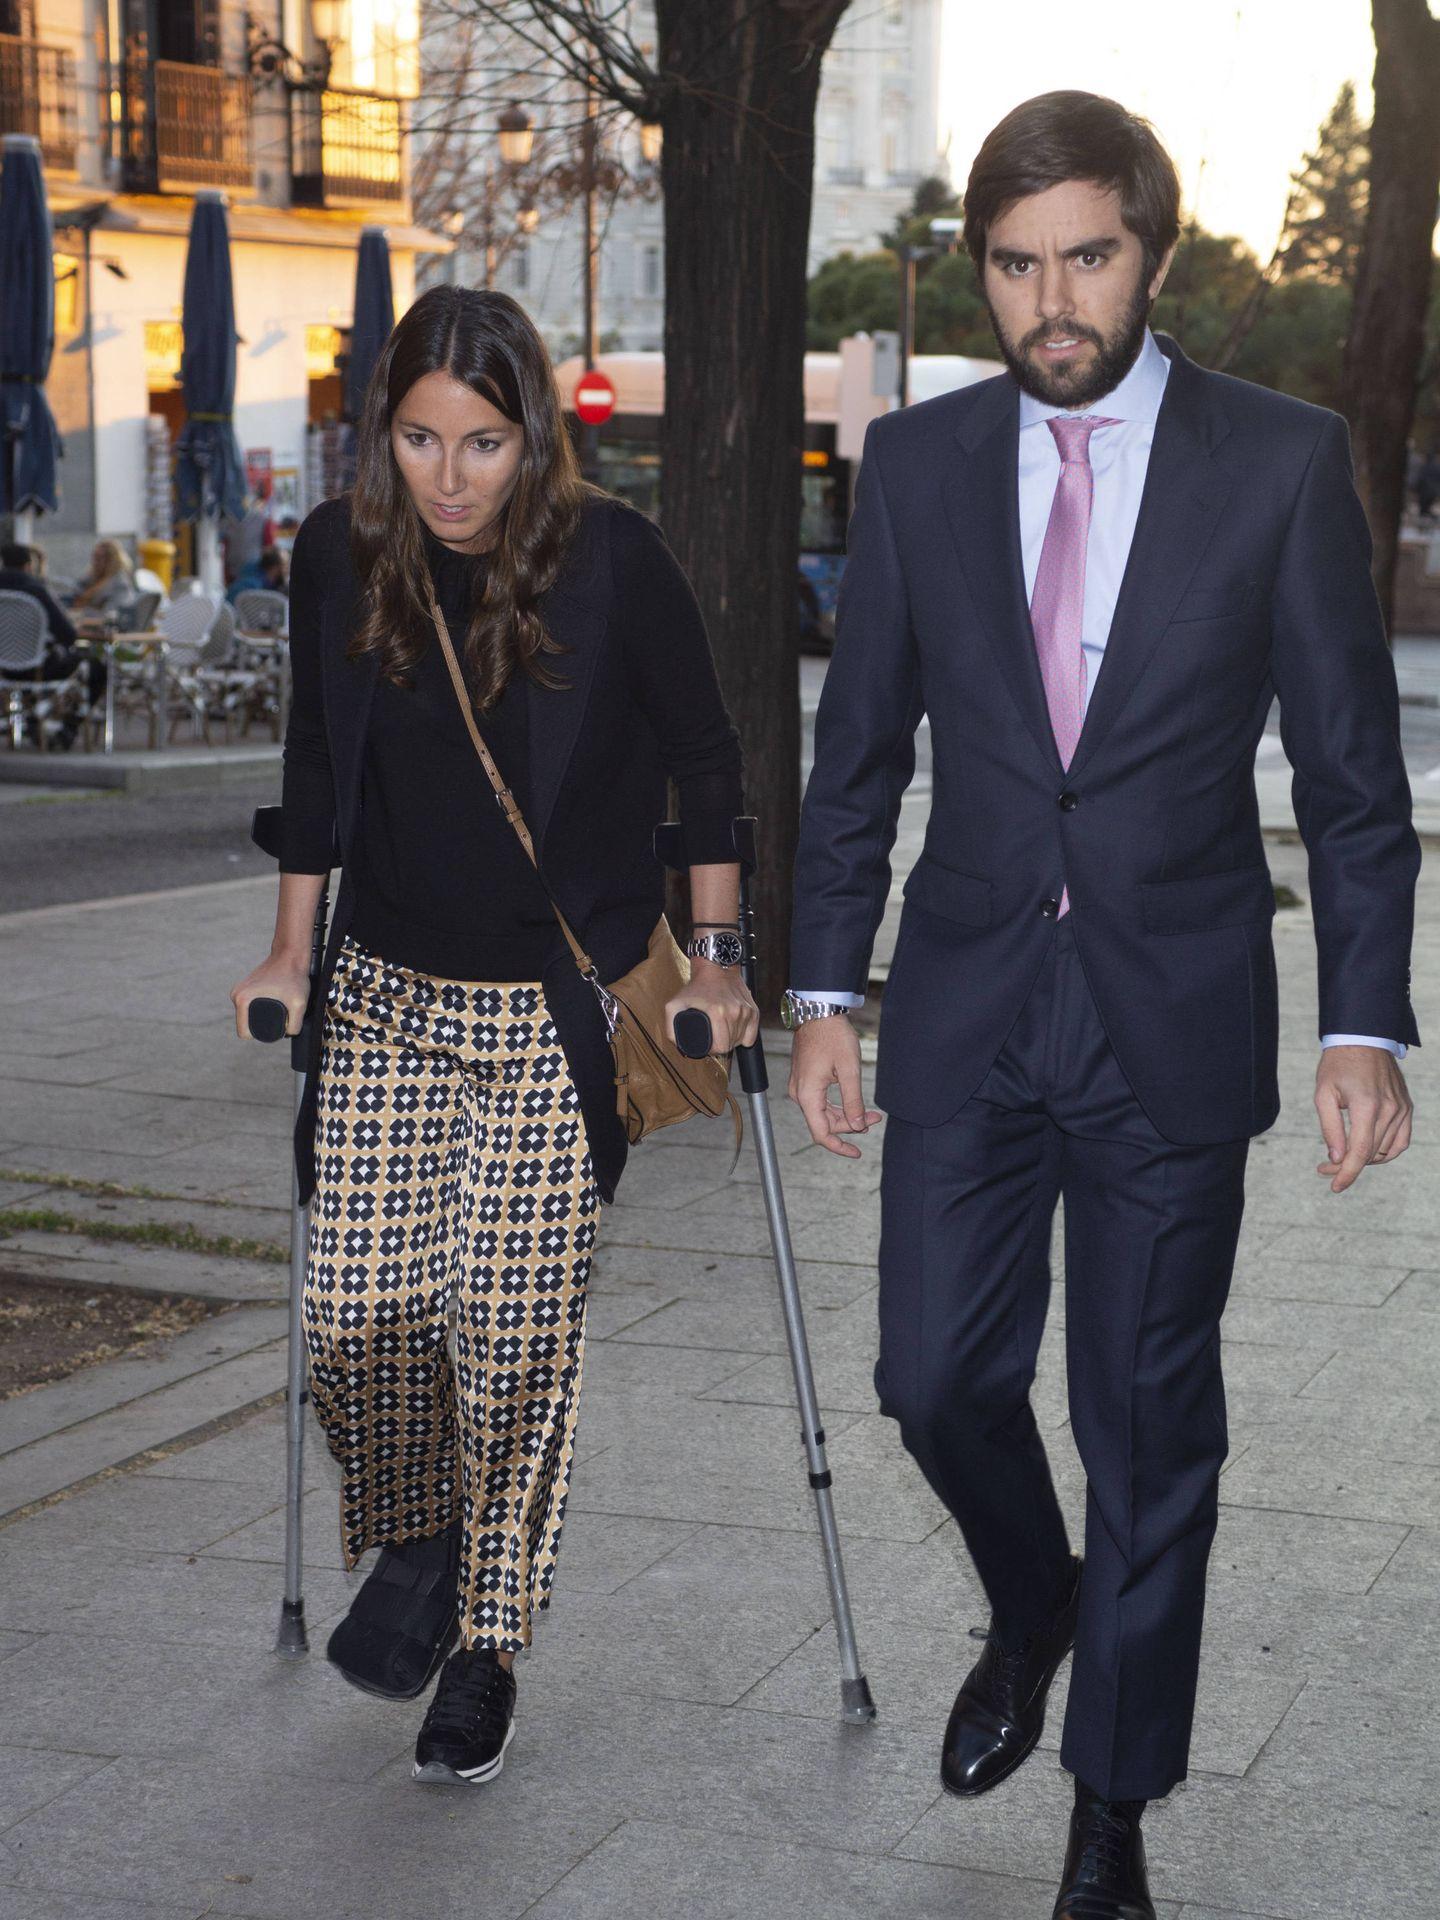 Alejandra Romero y Pedro Armas llegando al homenaje a Adolfo Suárez. (Lagencia Grosby)